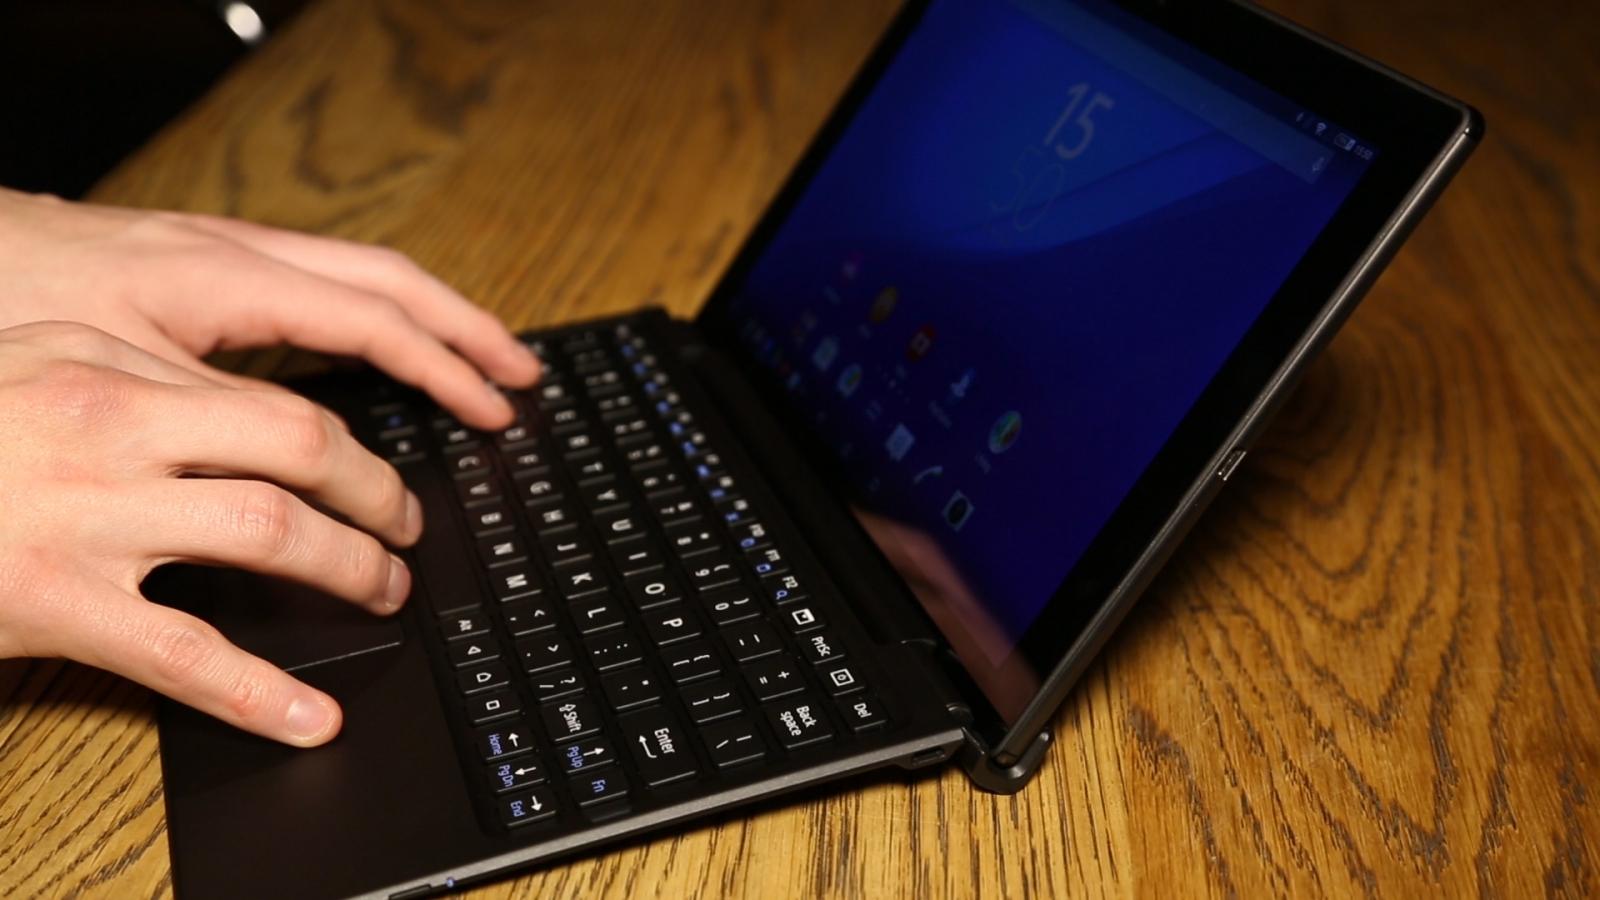 Sony Xperia Z4 Tablet keyboard